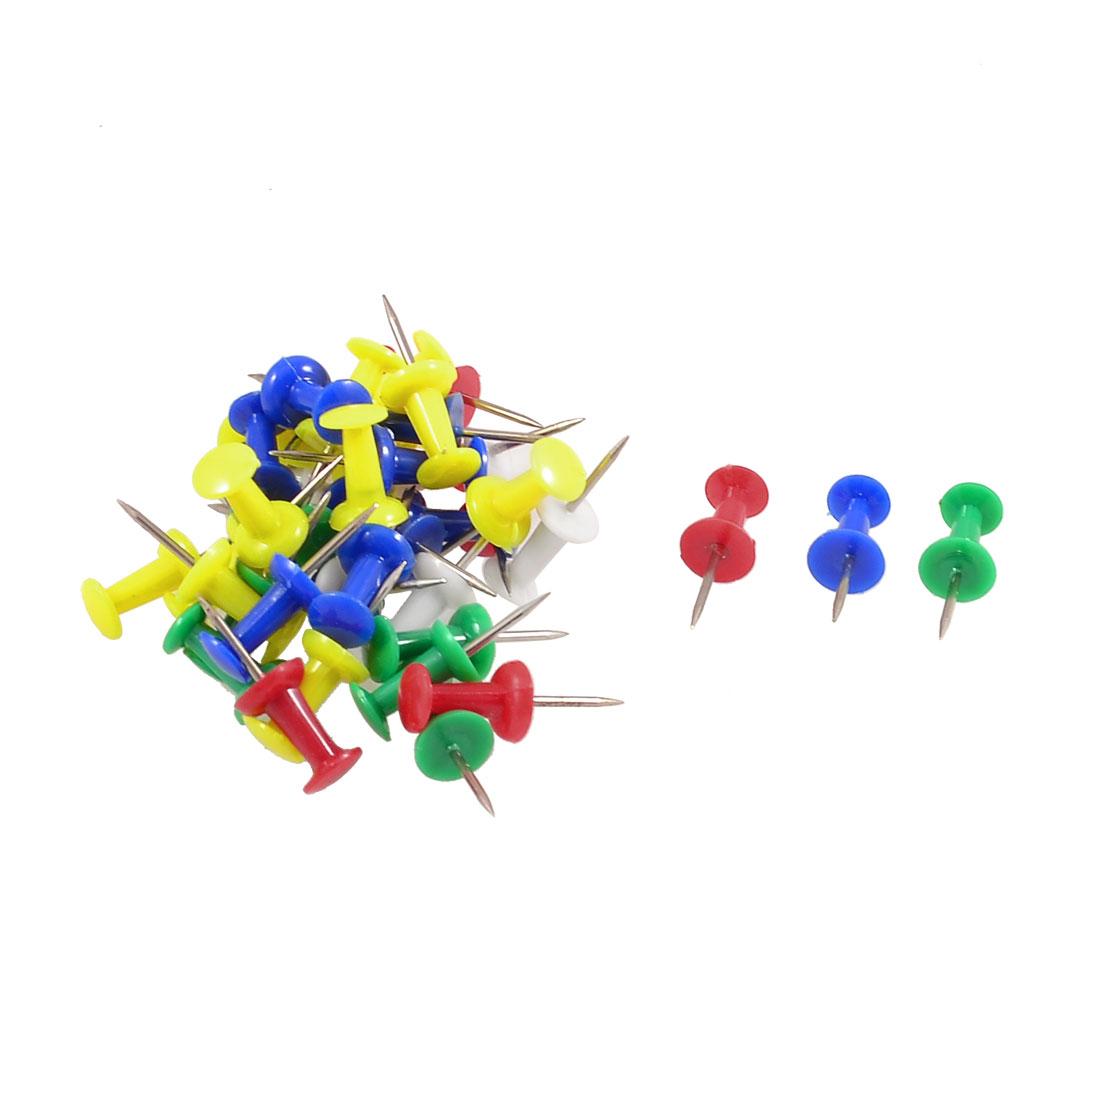 40 Pcs Assorted Color Plastic Head Metal Pin Thumbtacks